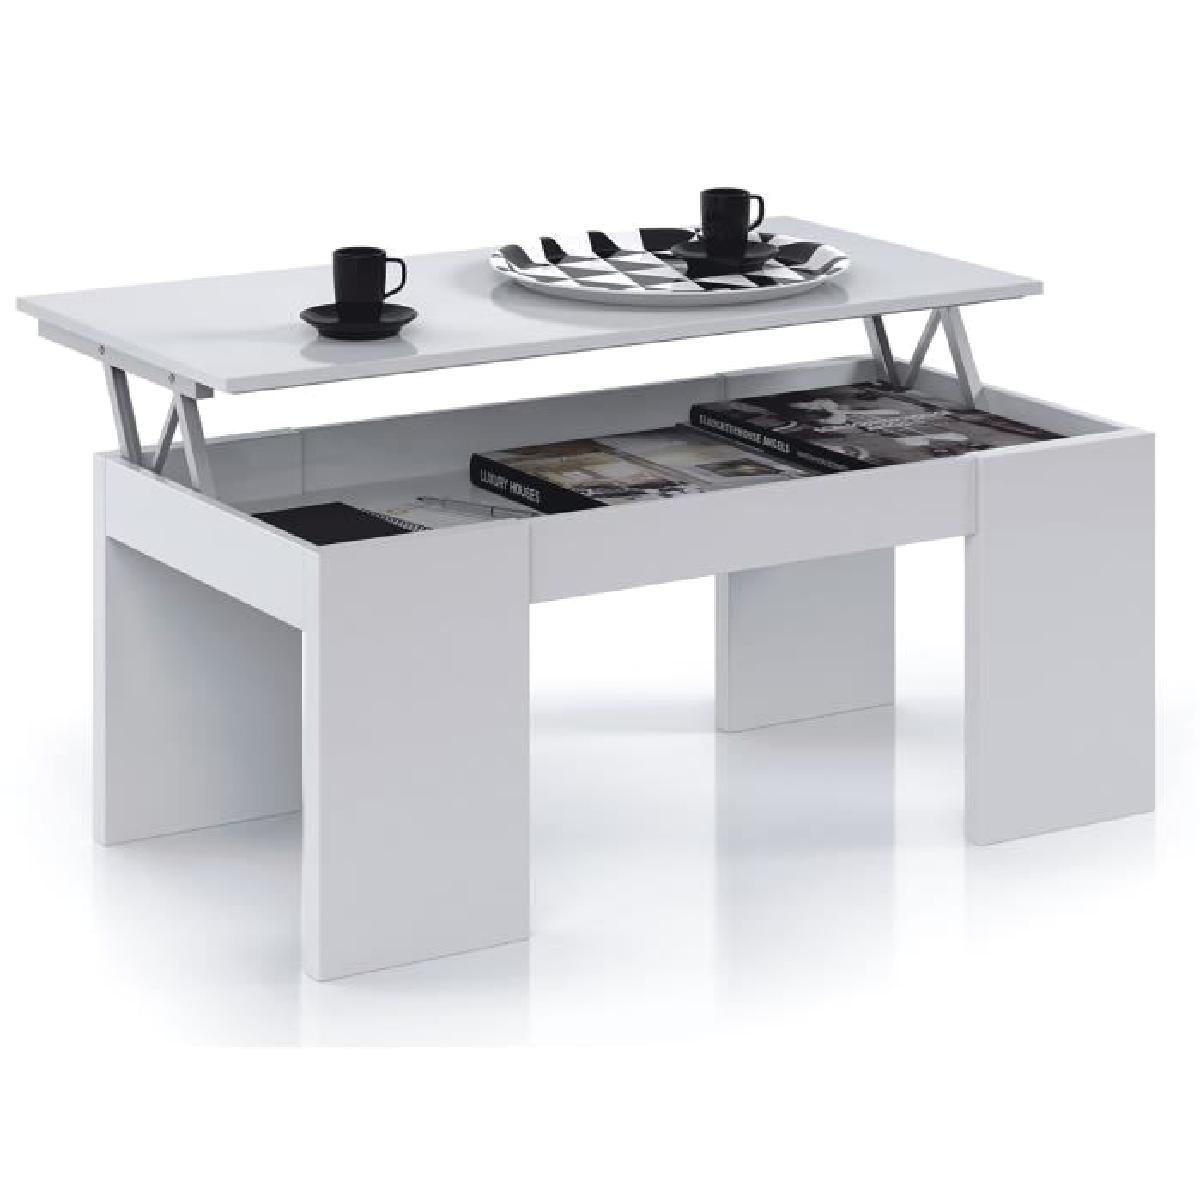 ... Table Basse Plateaux Releve Achat Vente Pas Cher Avec Table Basse A  Plateau Relevable Coloris Blanc ...